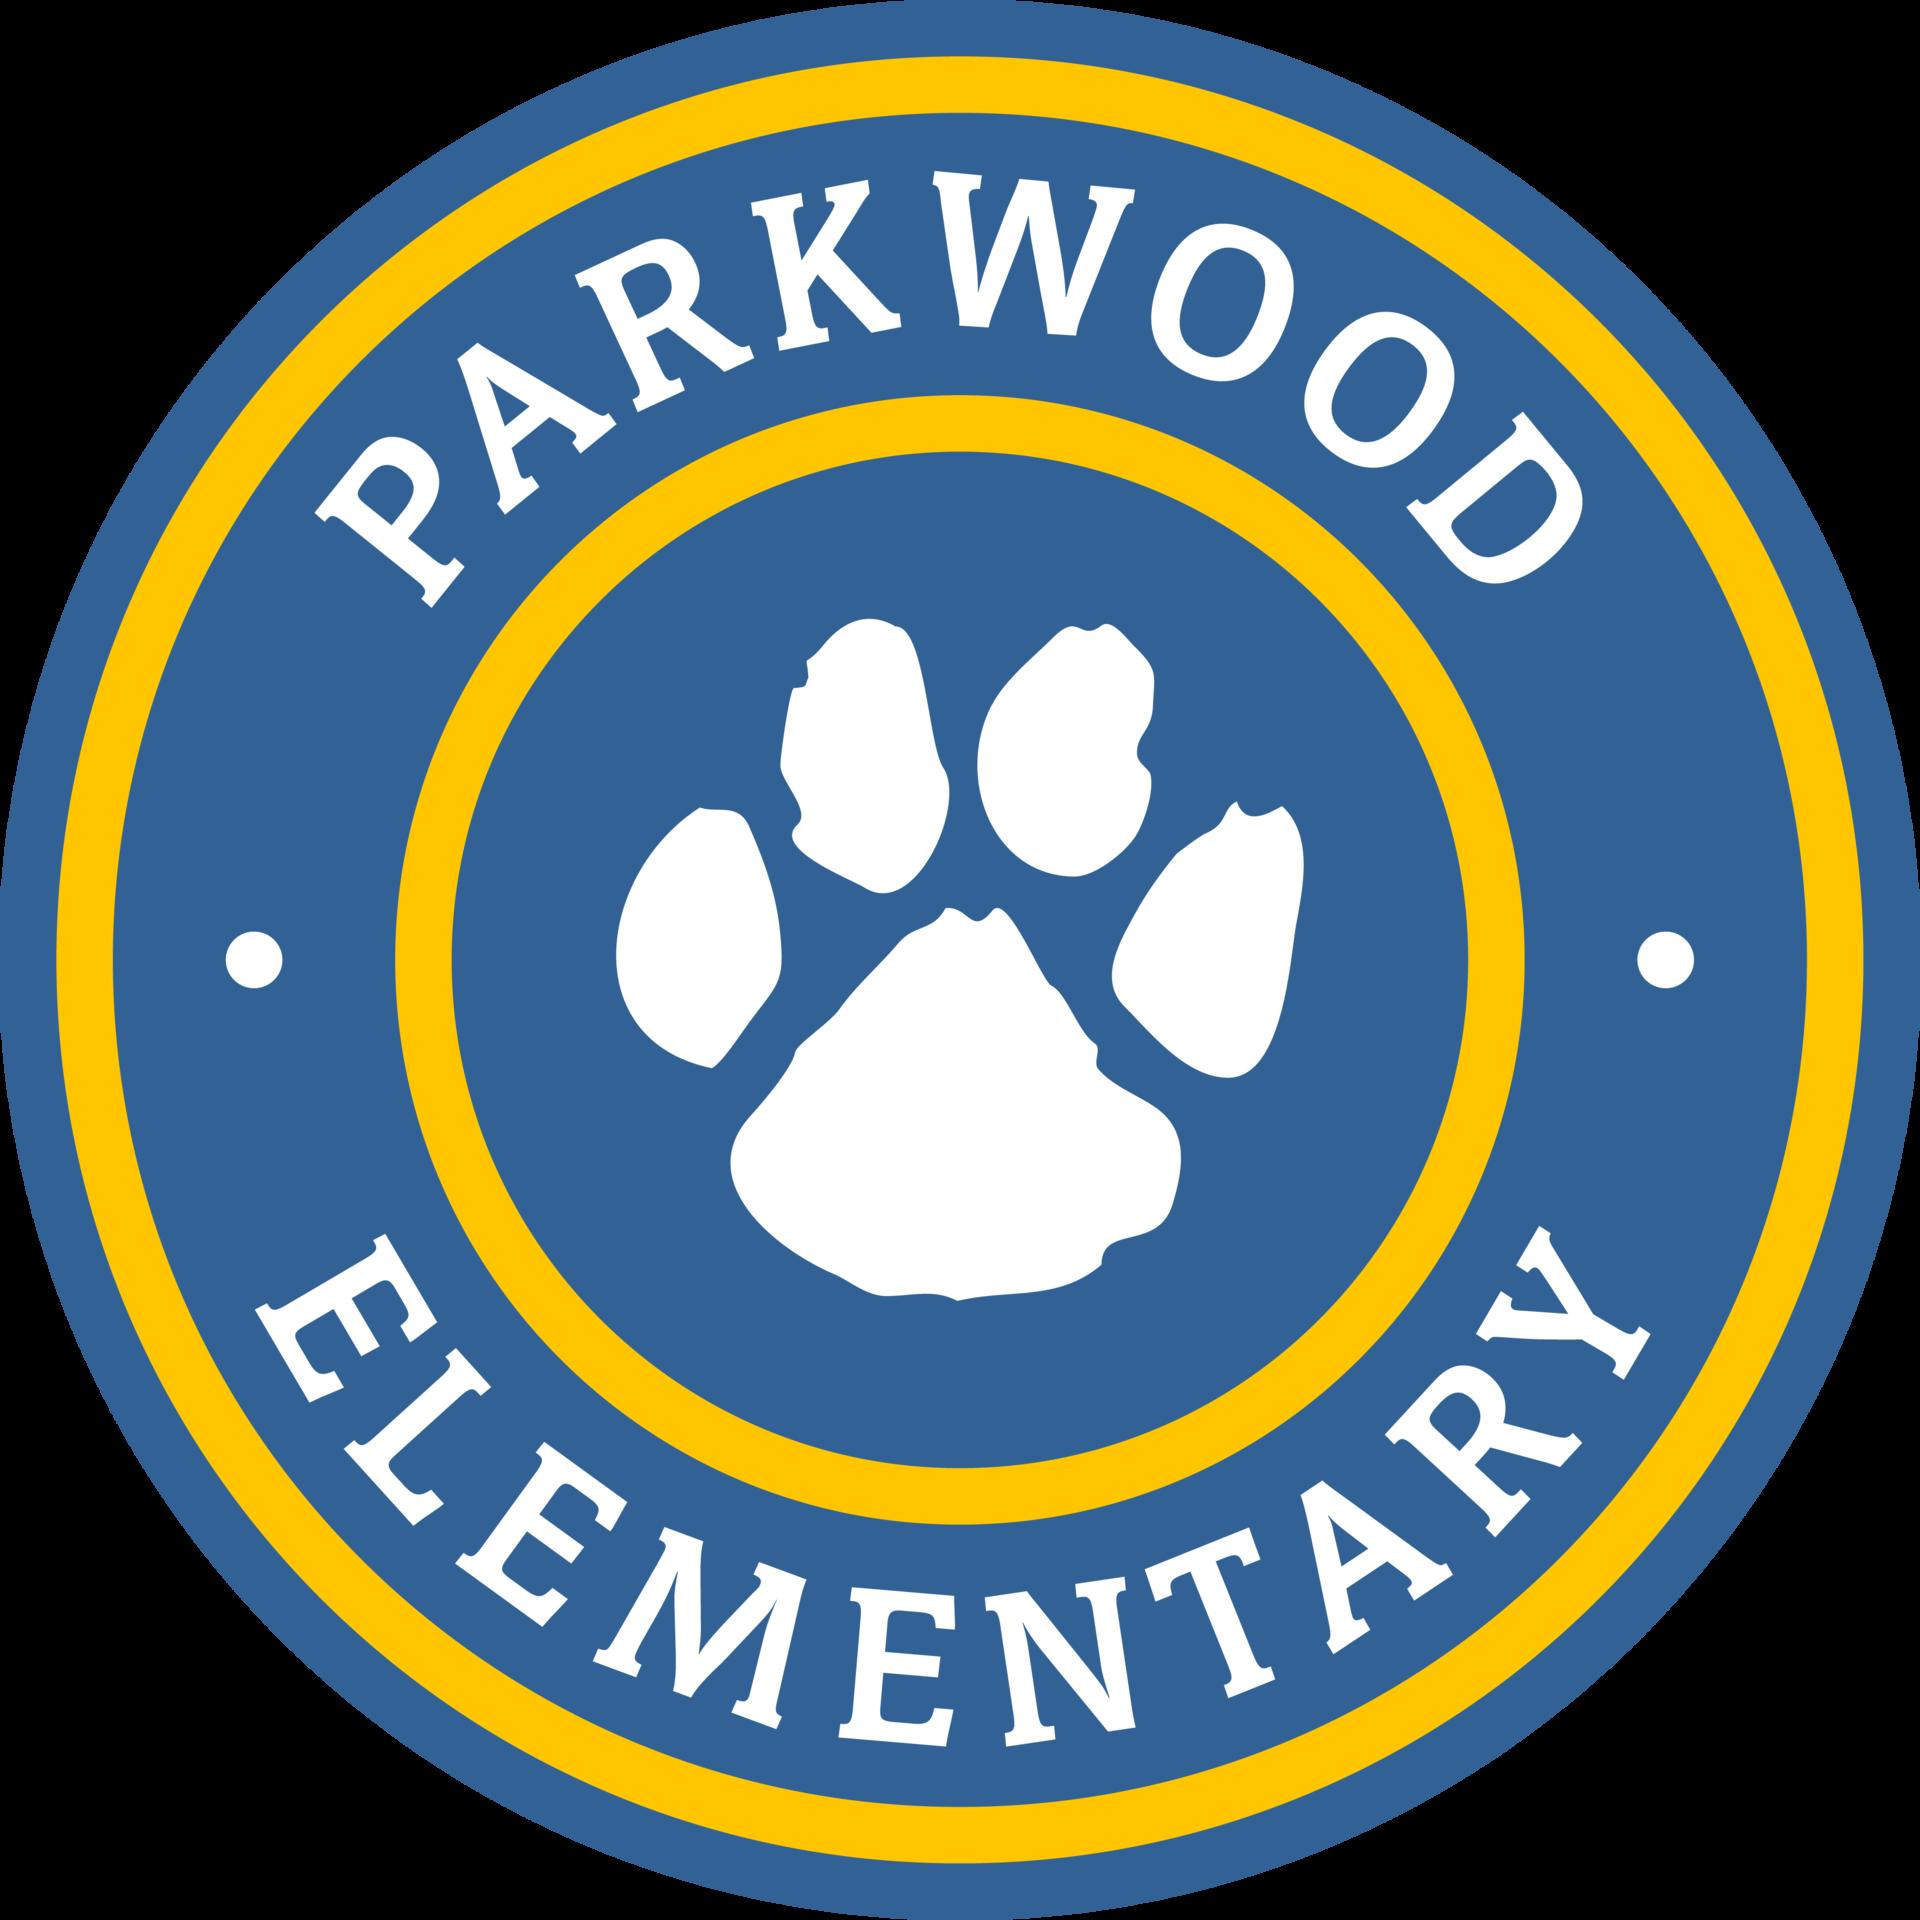 Parkwood Elementary school seal